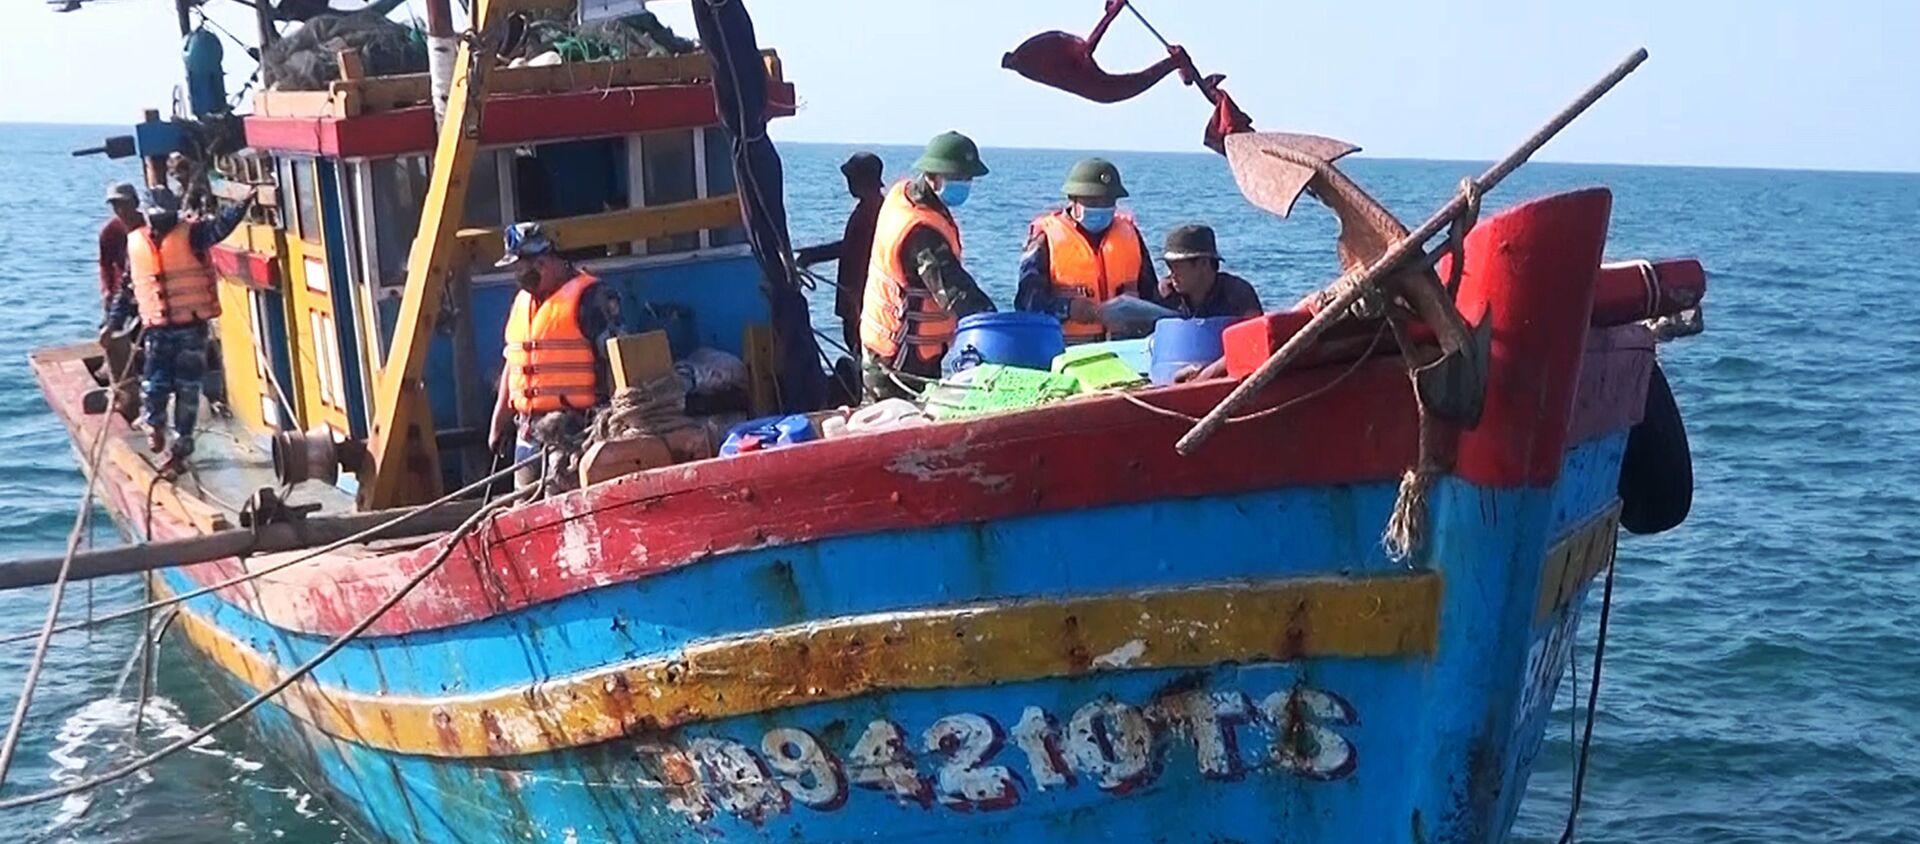 Bộ đội Biên phòng tỉnh Quảng Trị xử lý hành vi khai thác hải sản của một tàu cá sử dụng tàu lưới kéo (giã cào) - Sputnik Việt Nam, 1920, 08.09.2020